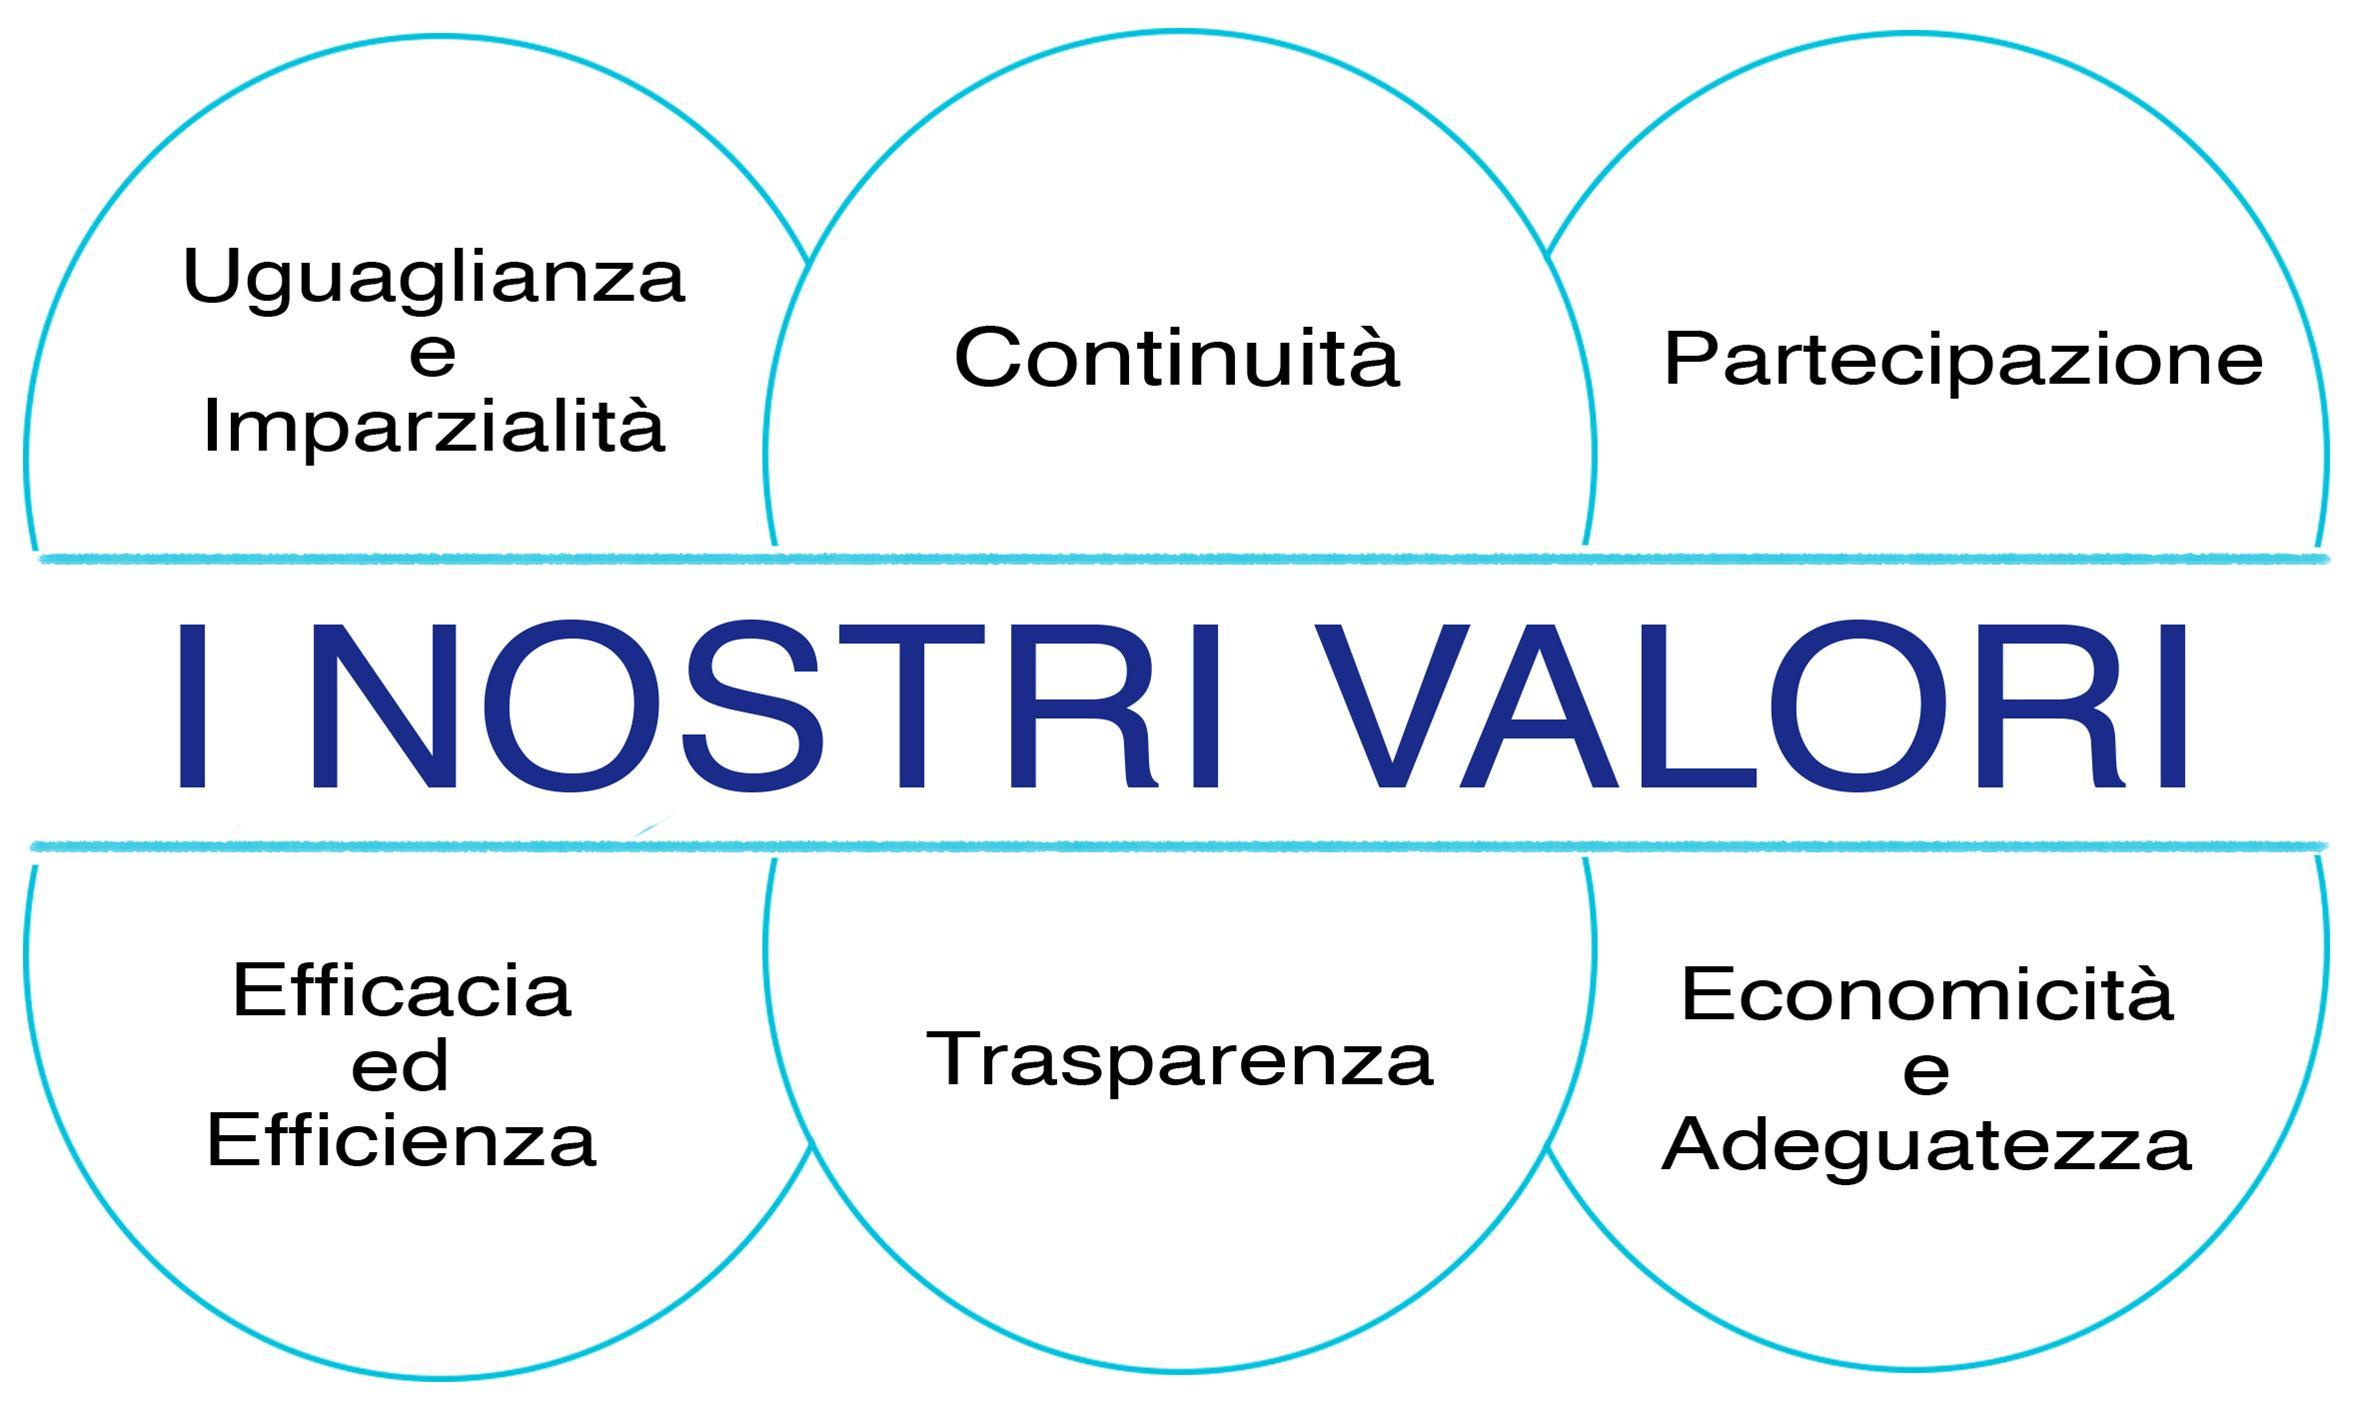 i nostri valori.jpg